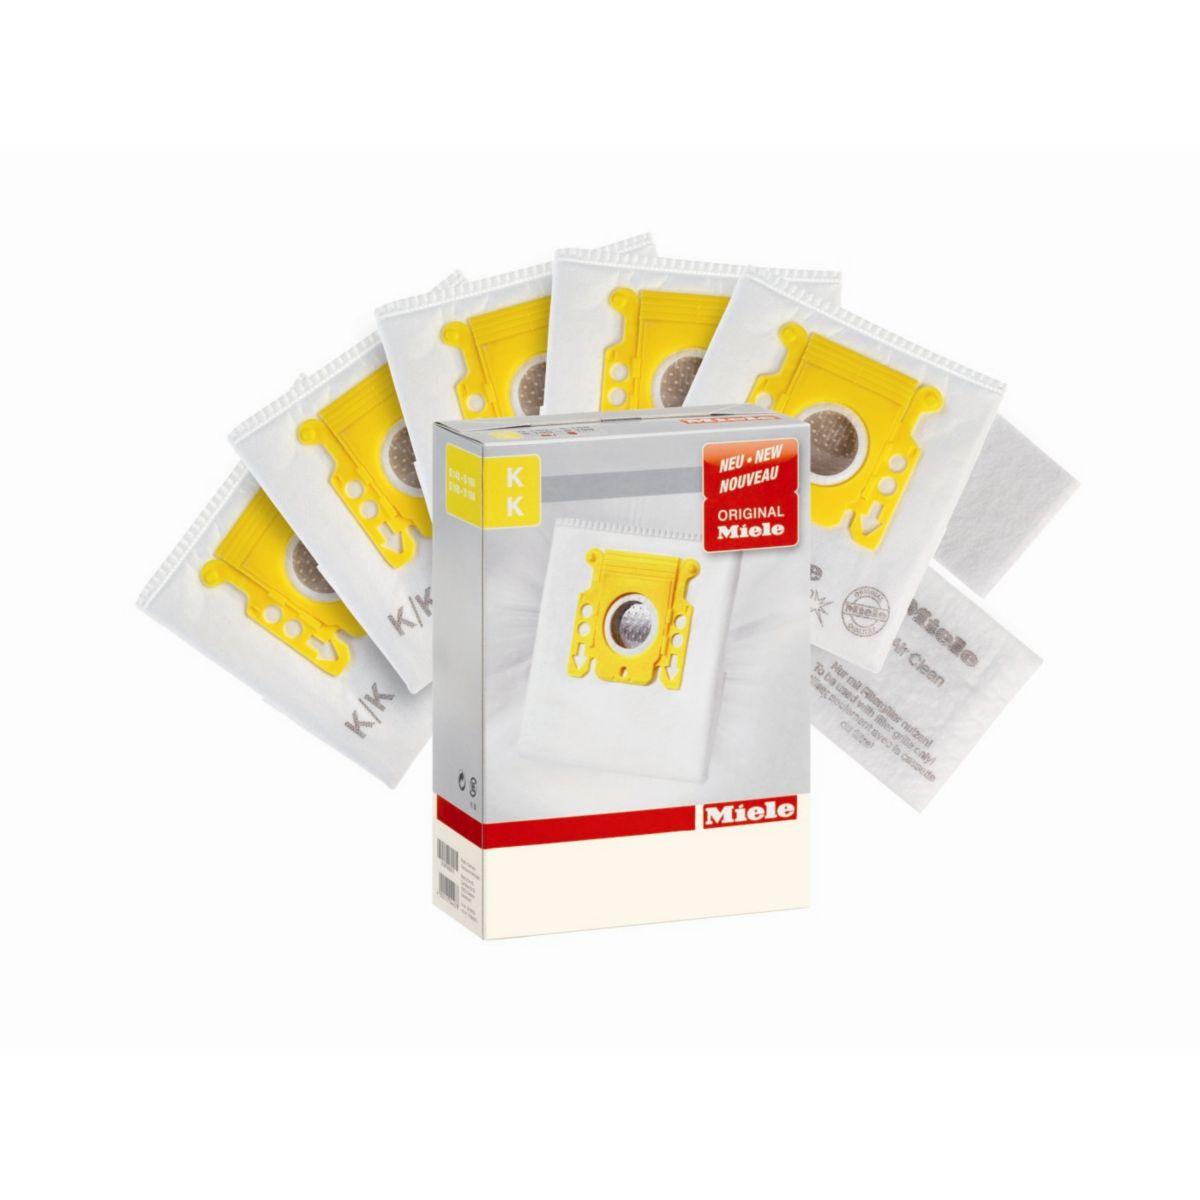 Sac aspirateur miele hyclean kk - produit coup de coeur webdistrib.com !